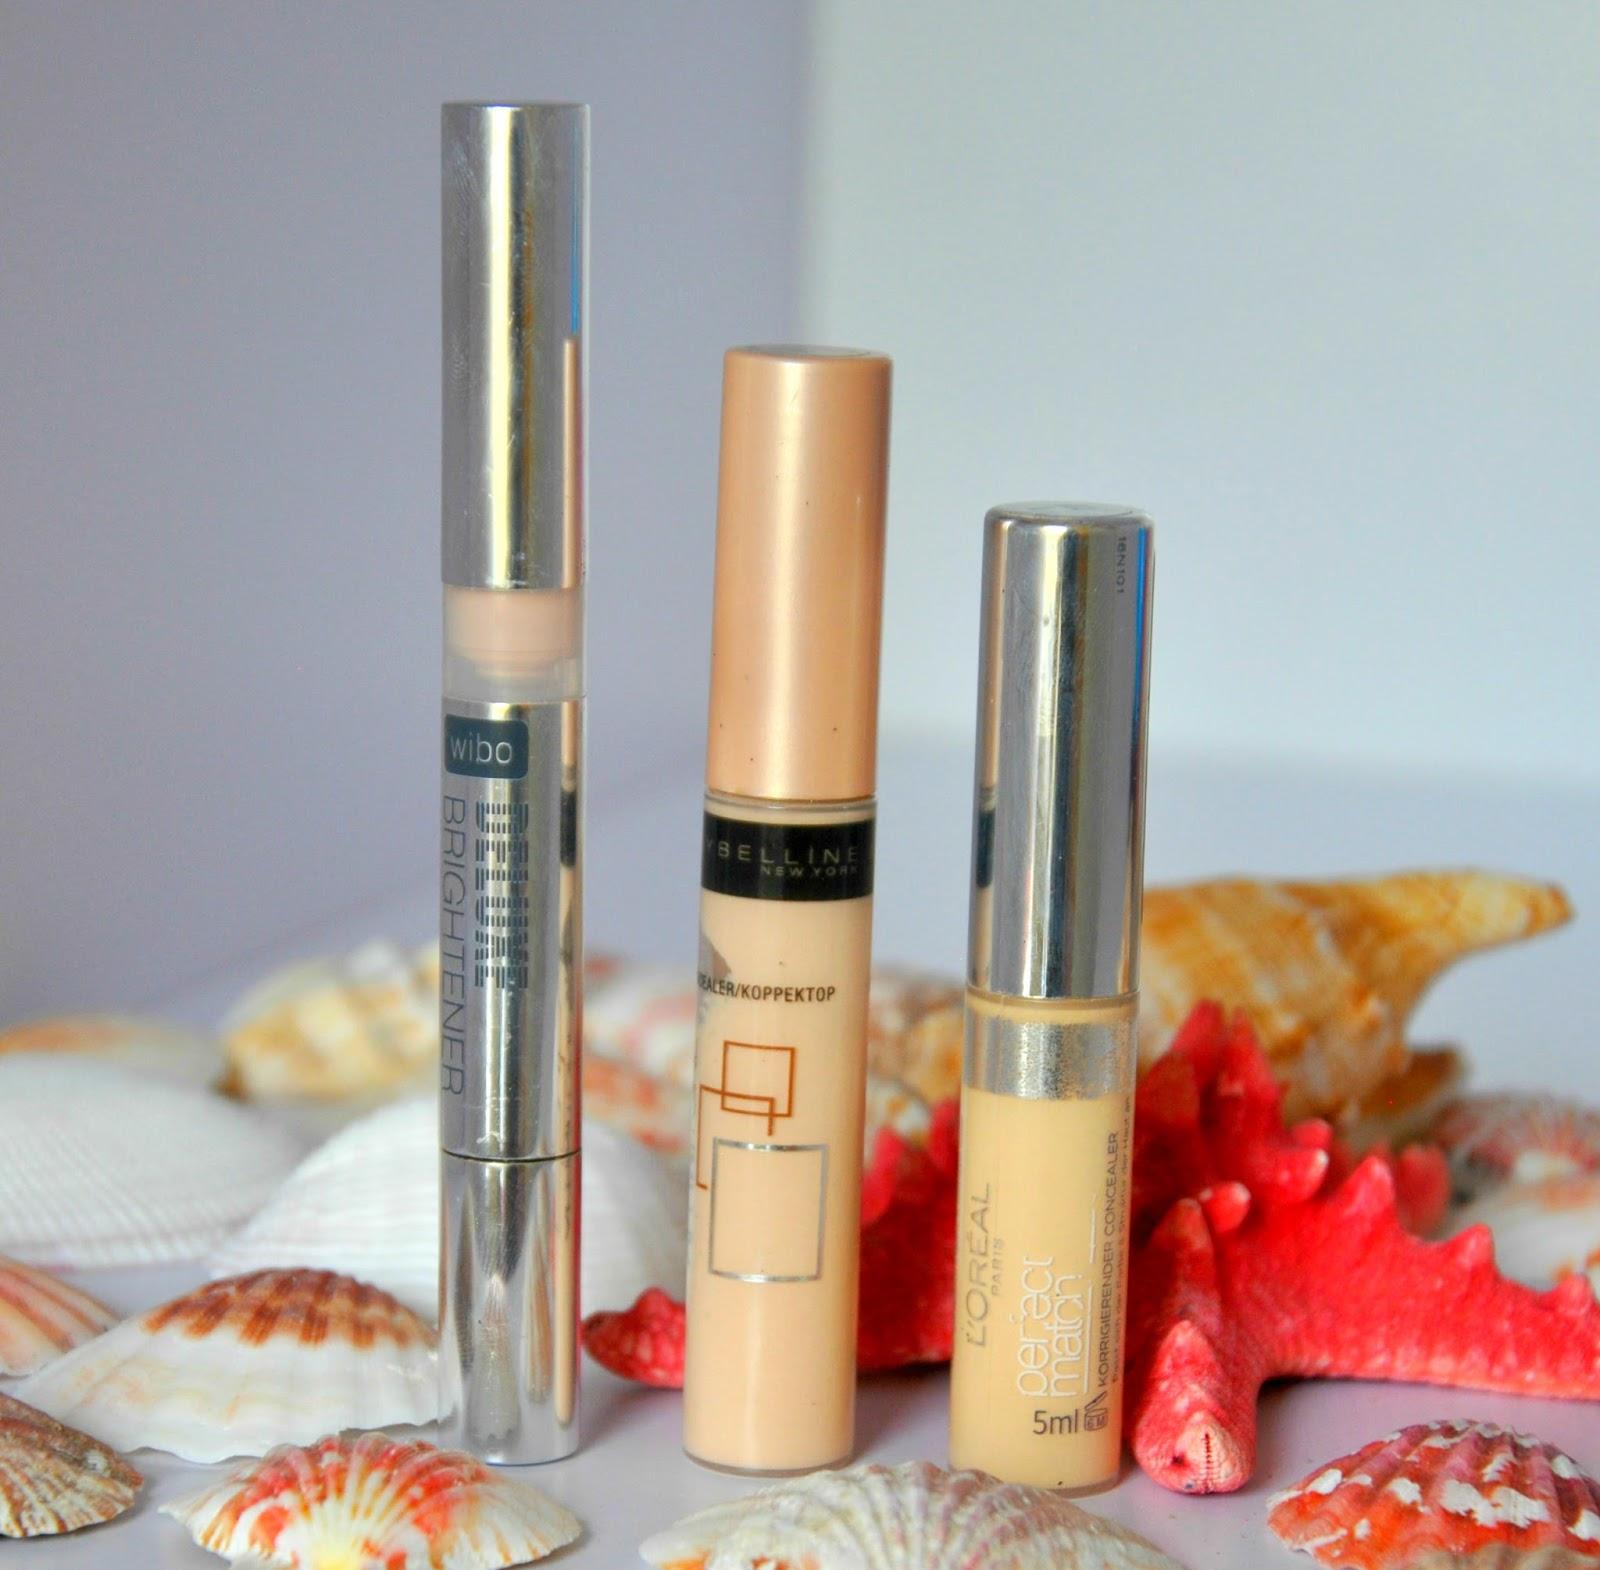 Moje ulubione korektory ukrywające niedoskonałości skóry: Daluxe Brigttener, Affinittone marki Maybelline i True Match marki Loreal.